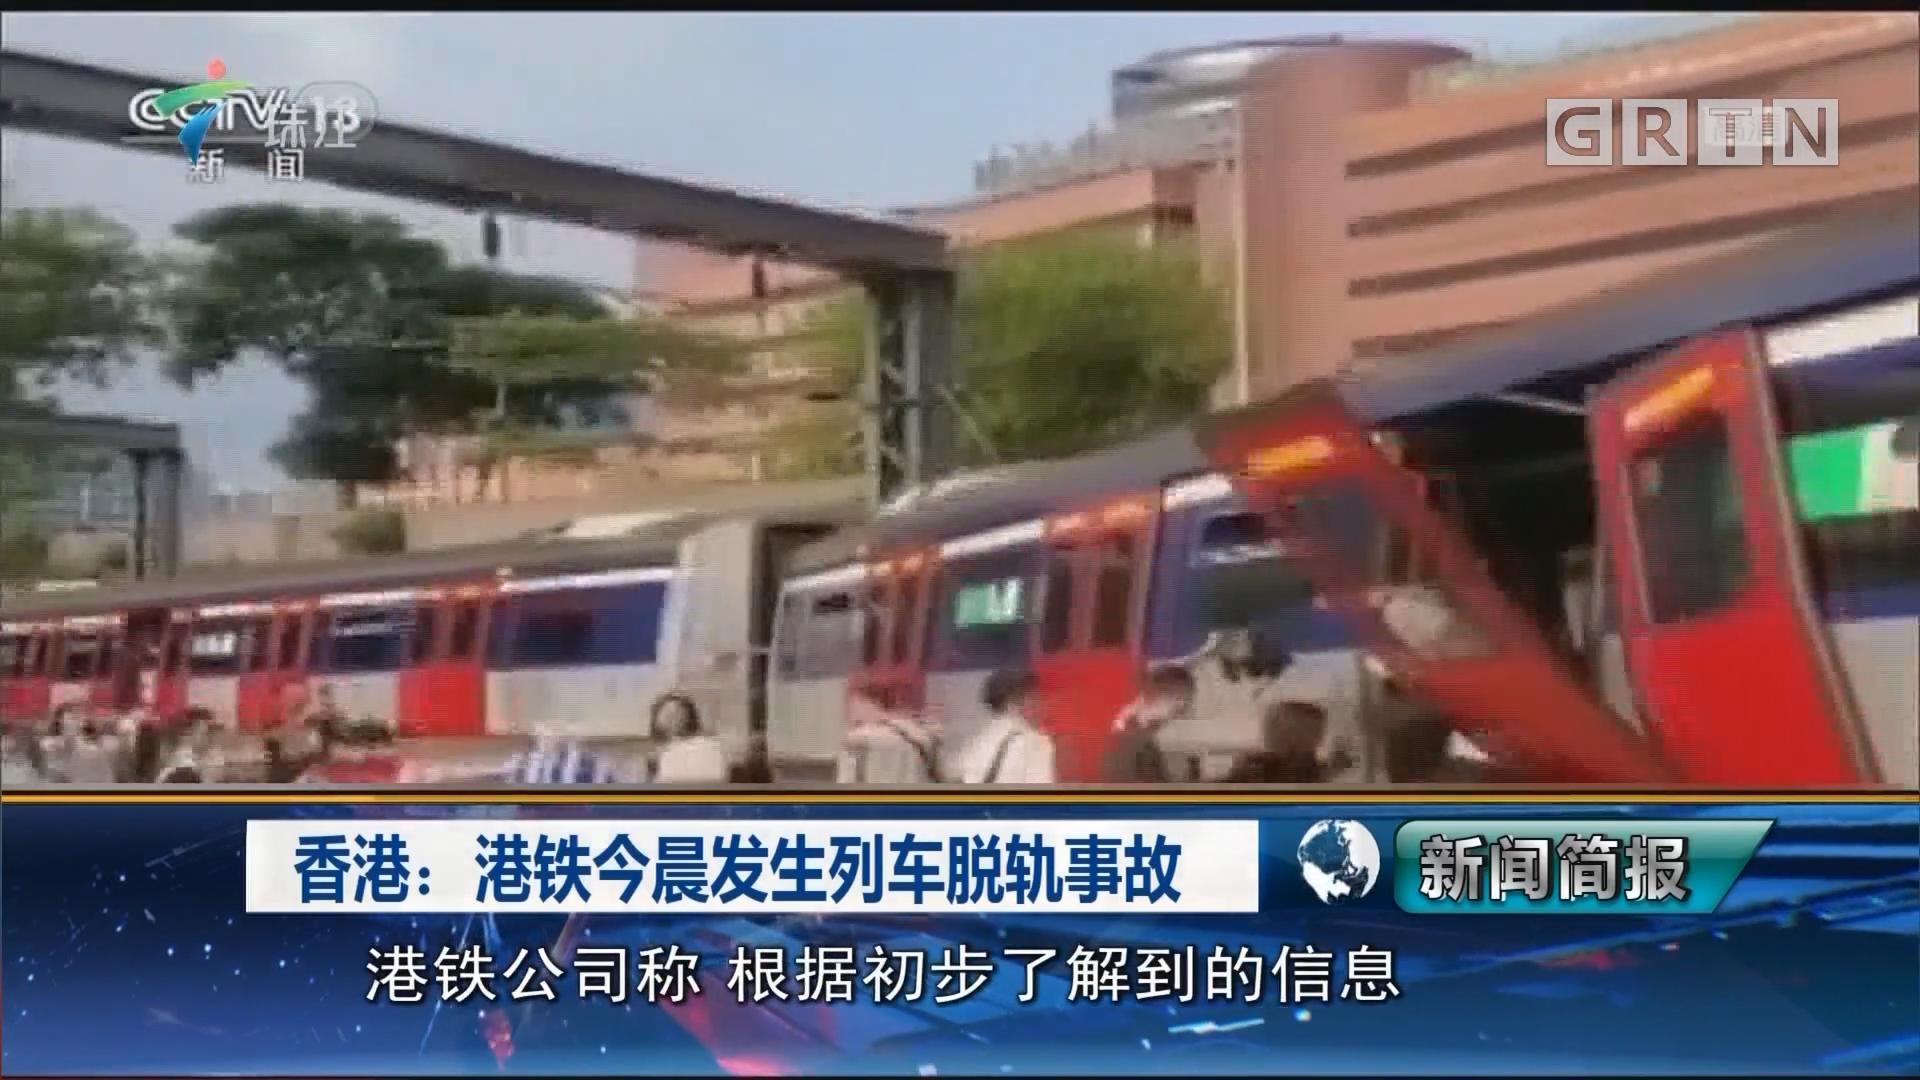 香港:港铁今晨发生列车脱轨事故